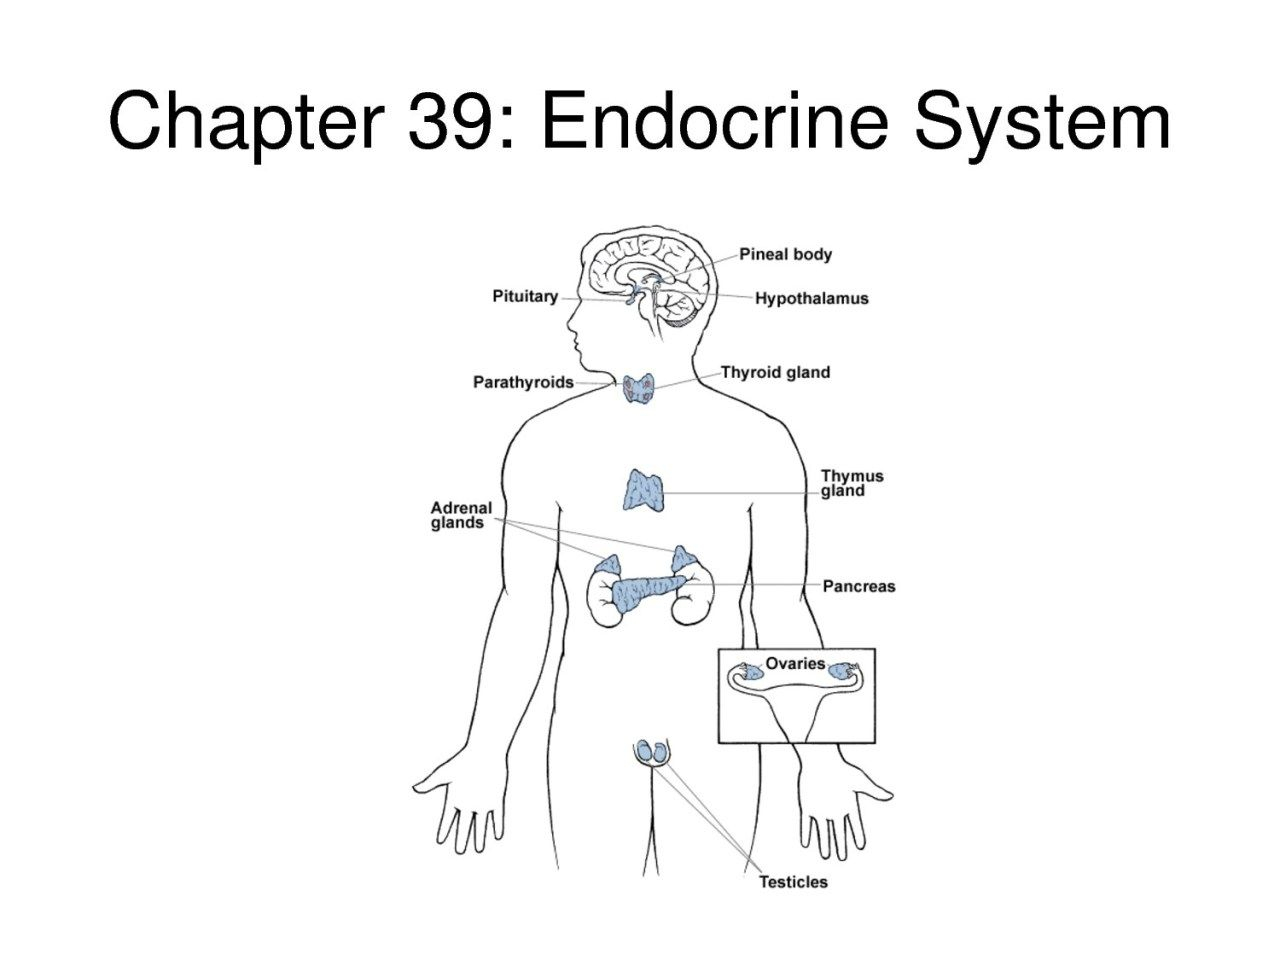 Endocrine System Diagram For Kids Endocrine System Diagram